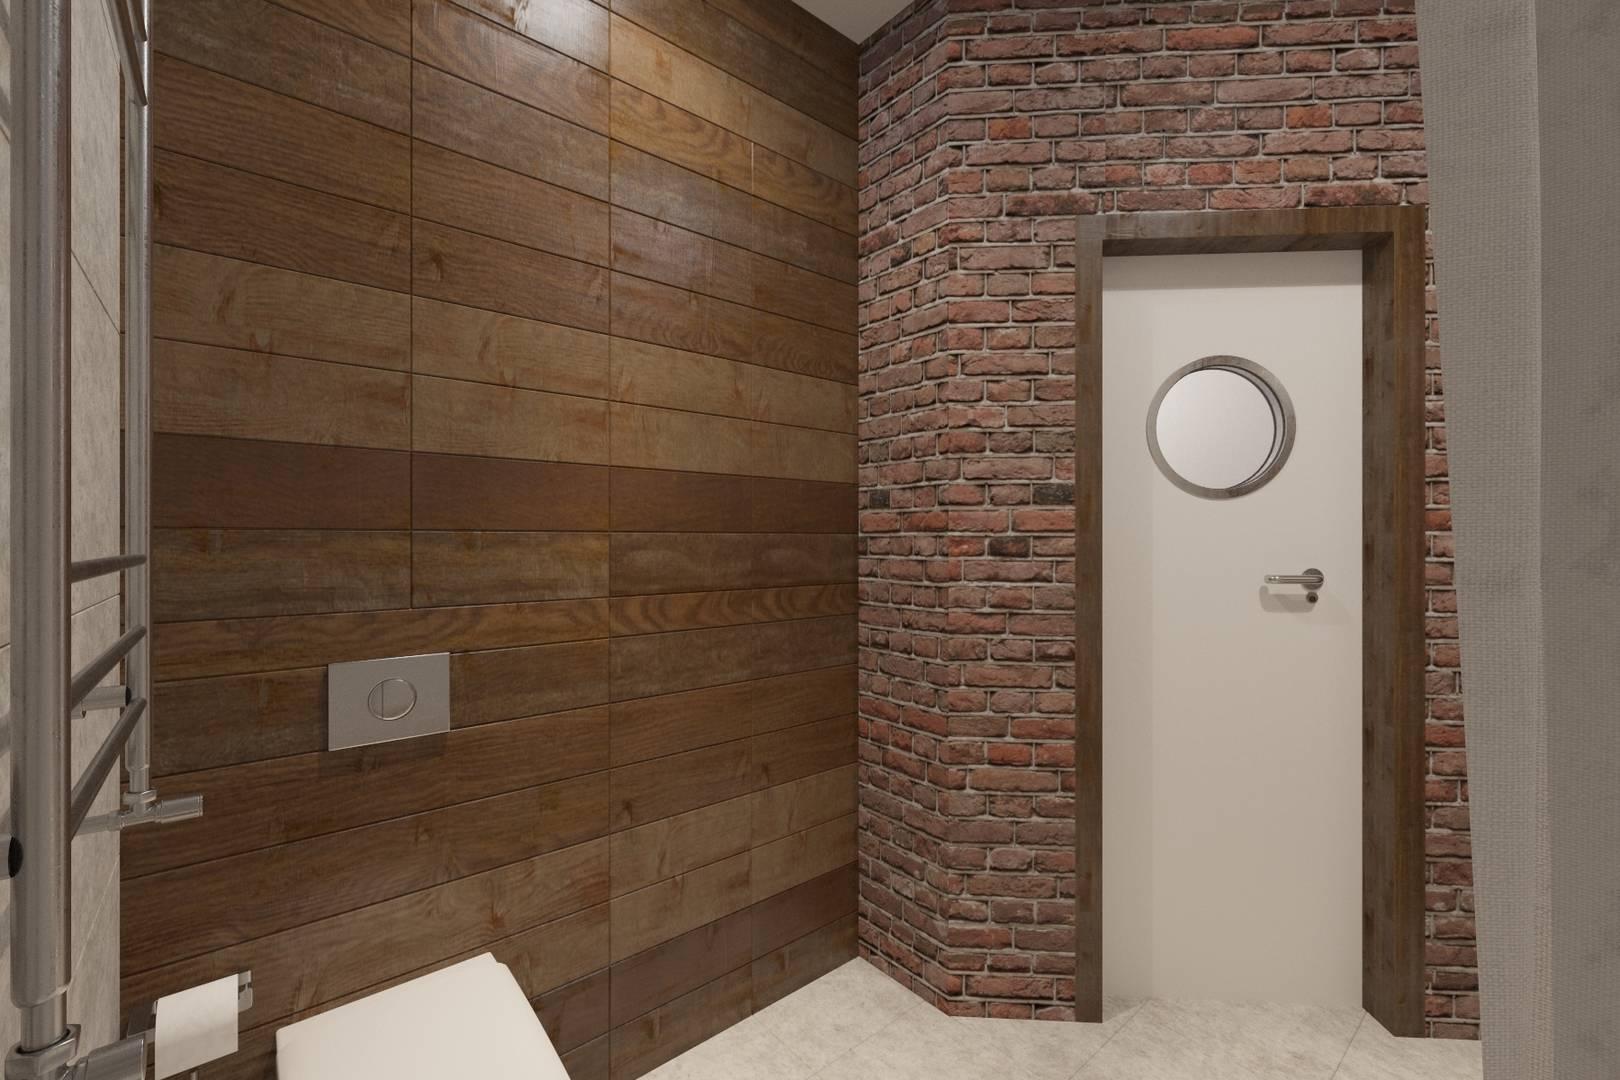 Квартира в стиле Лофт, г. Кемерово